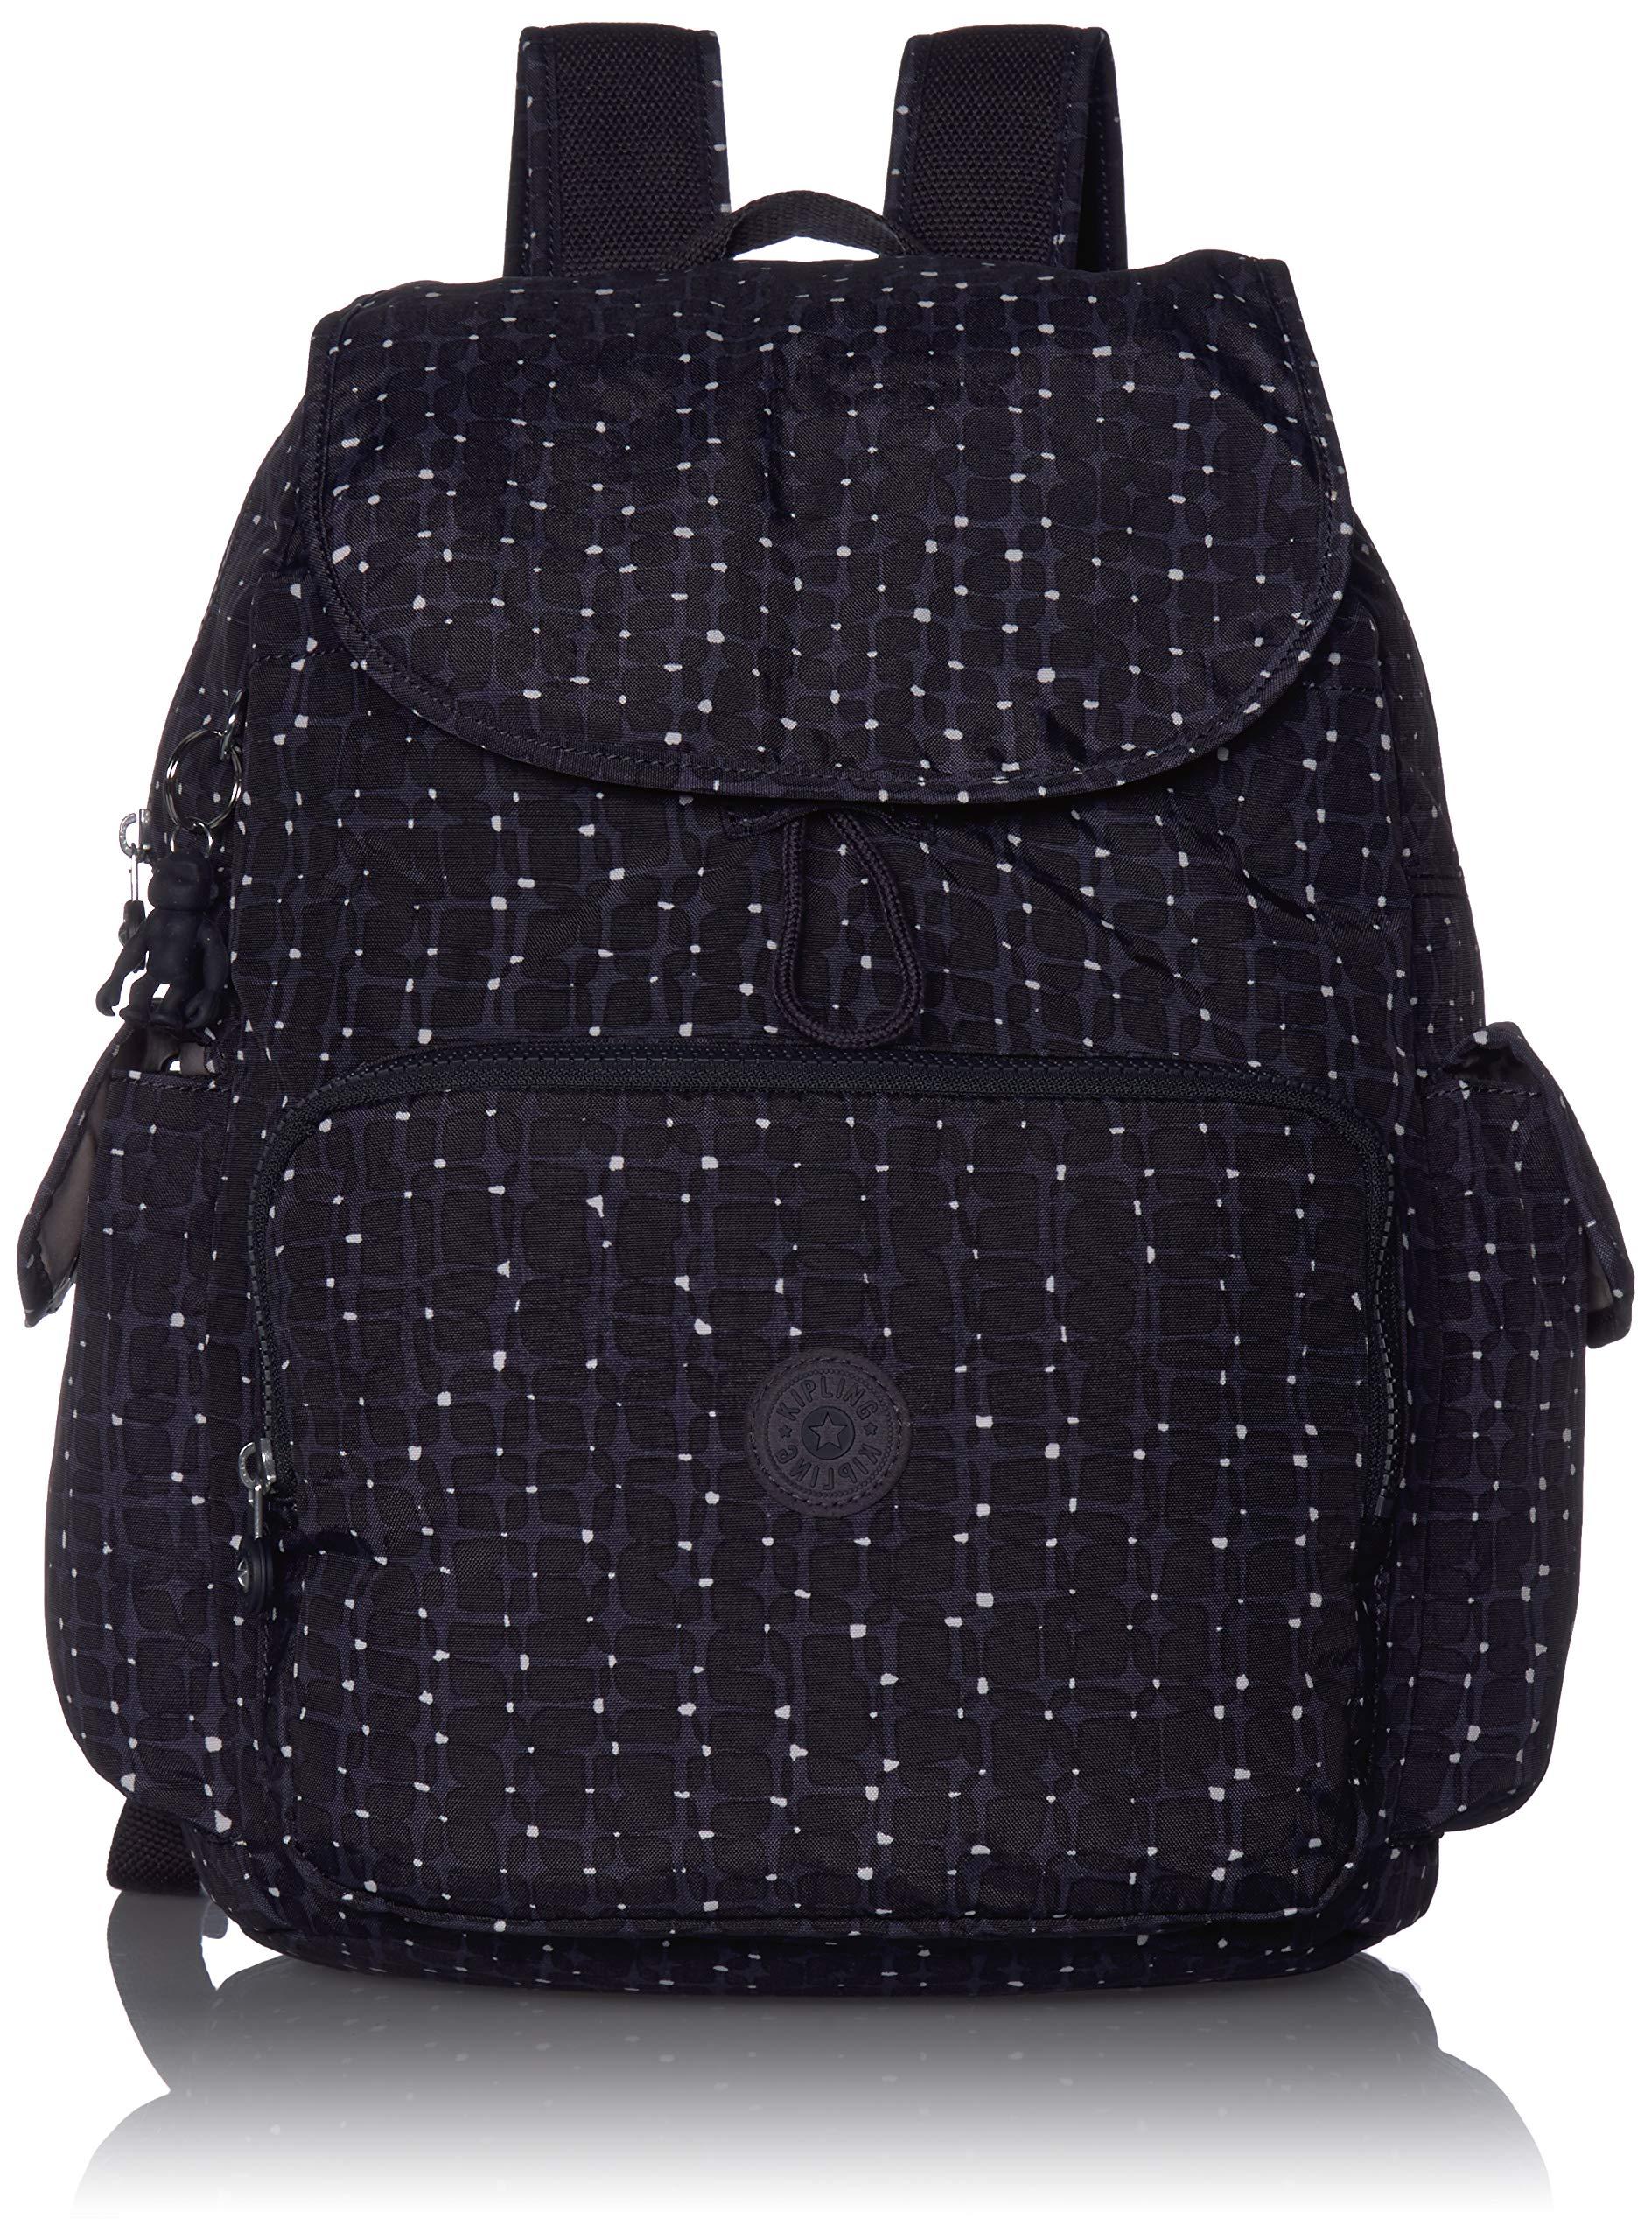 Kipling womens Zax Backpack Diaper Bag, Tile Print, One Size